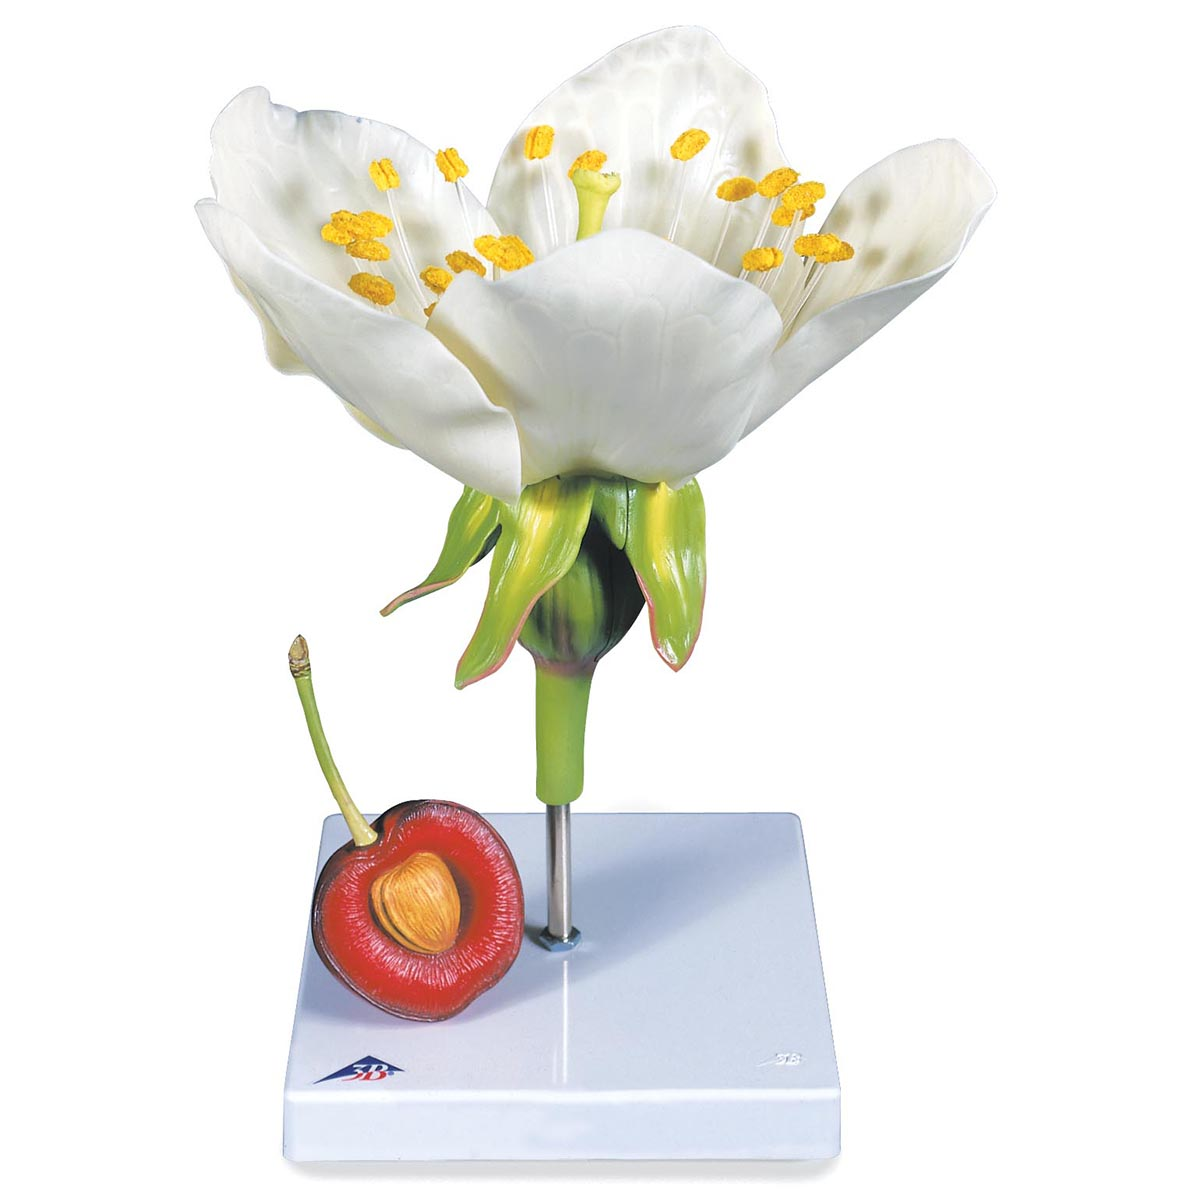 Fiore di ciliegio con frutto prunus avium modello - Modello di base del fiore ...